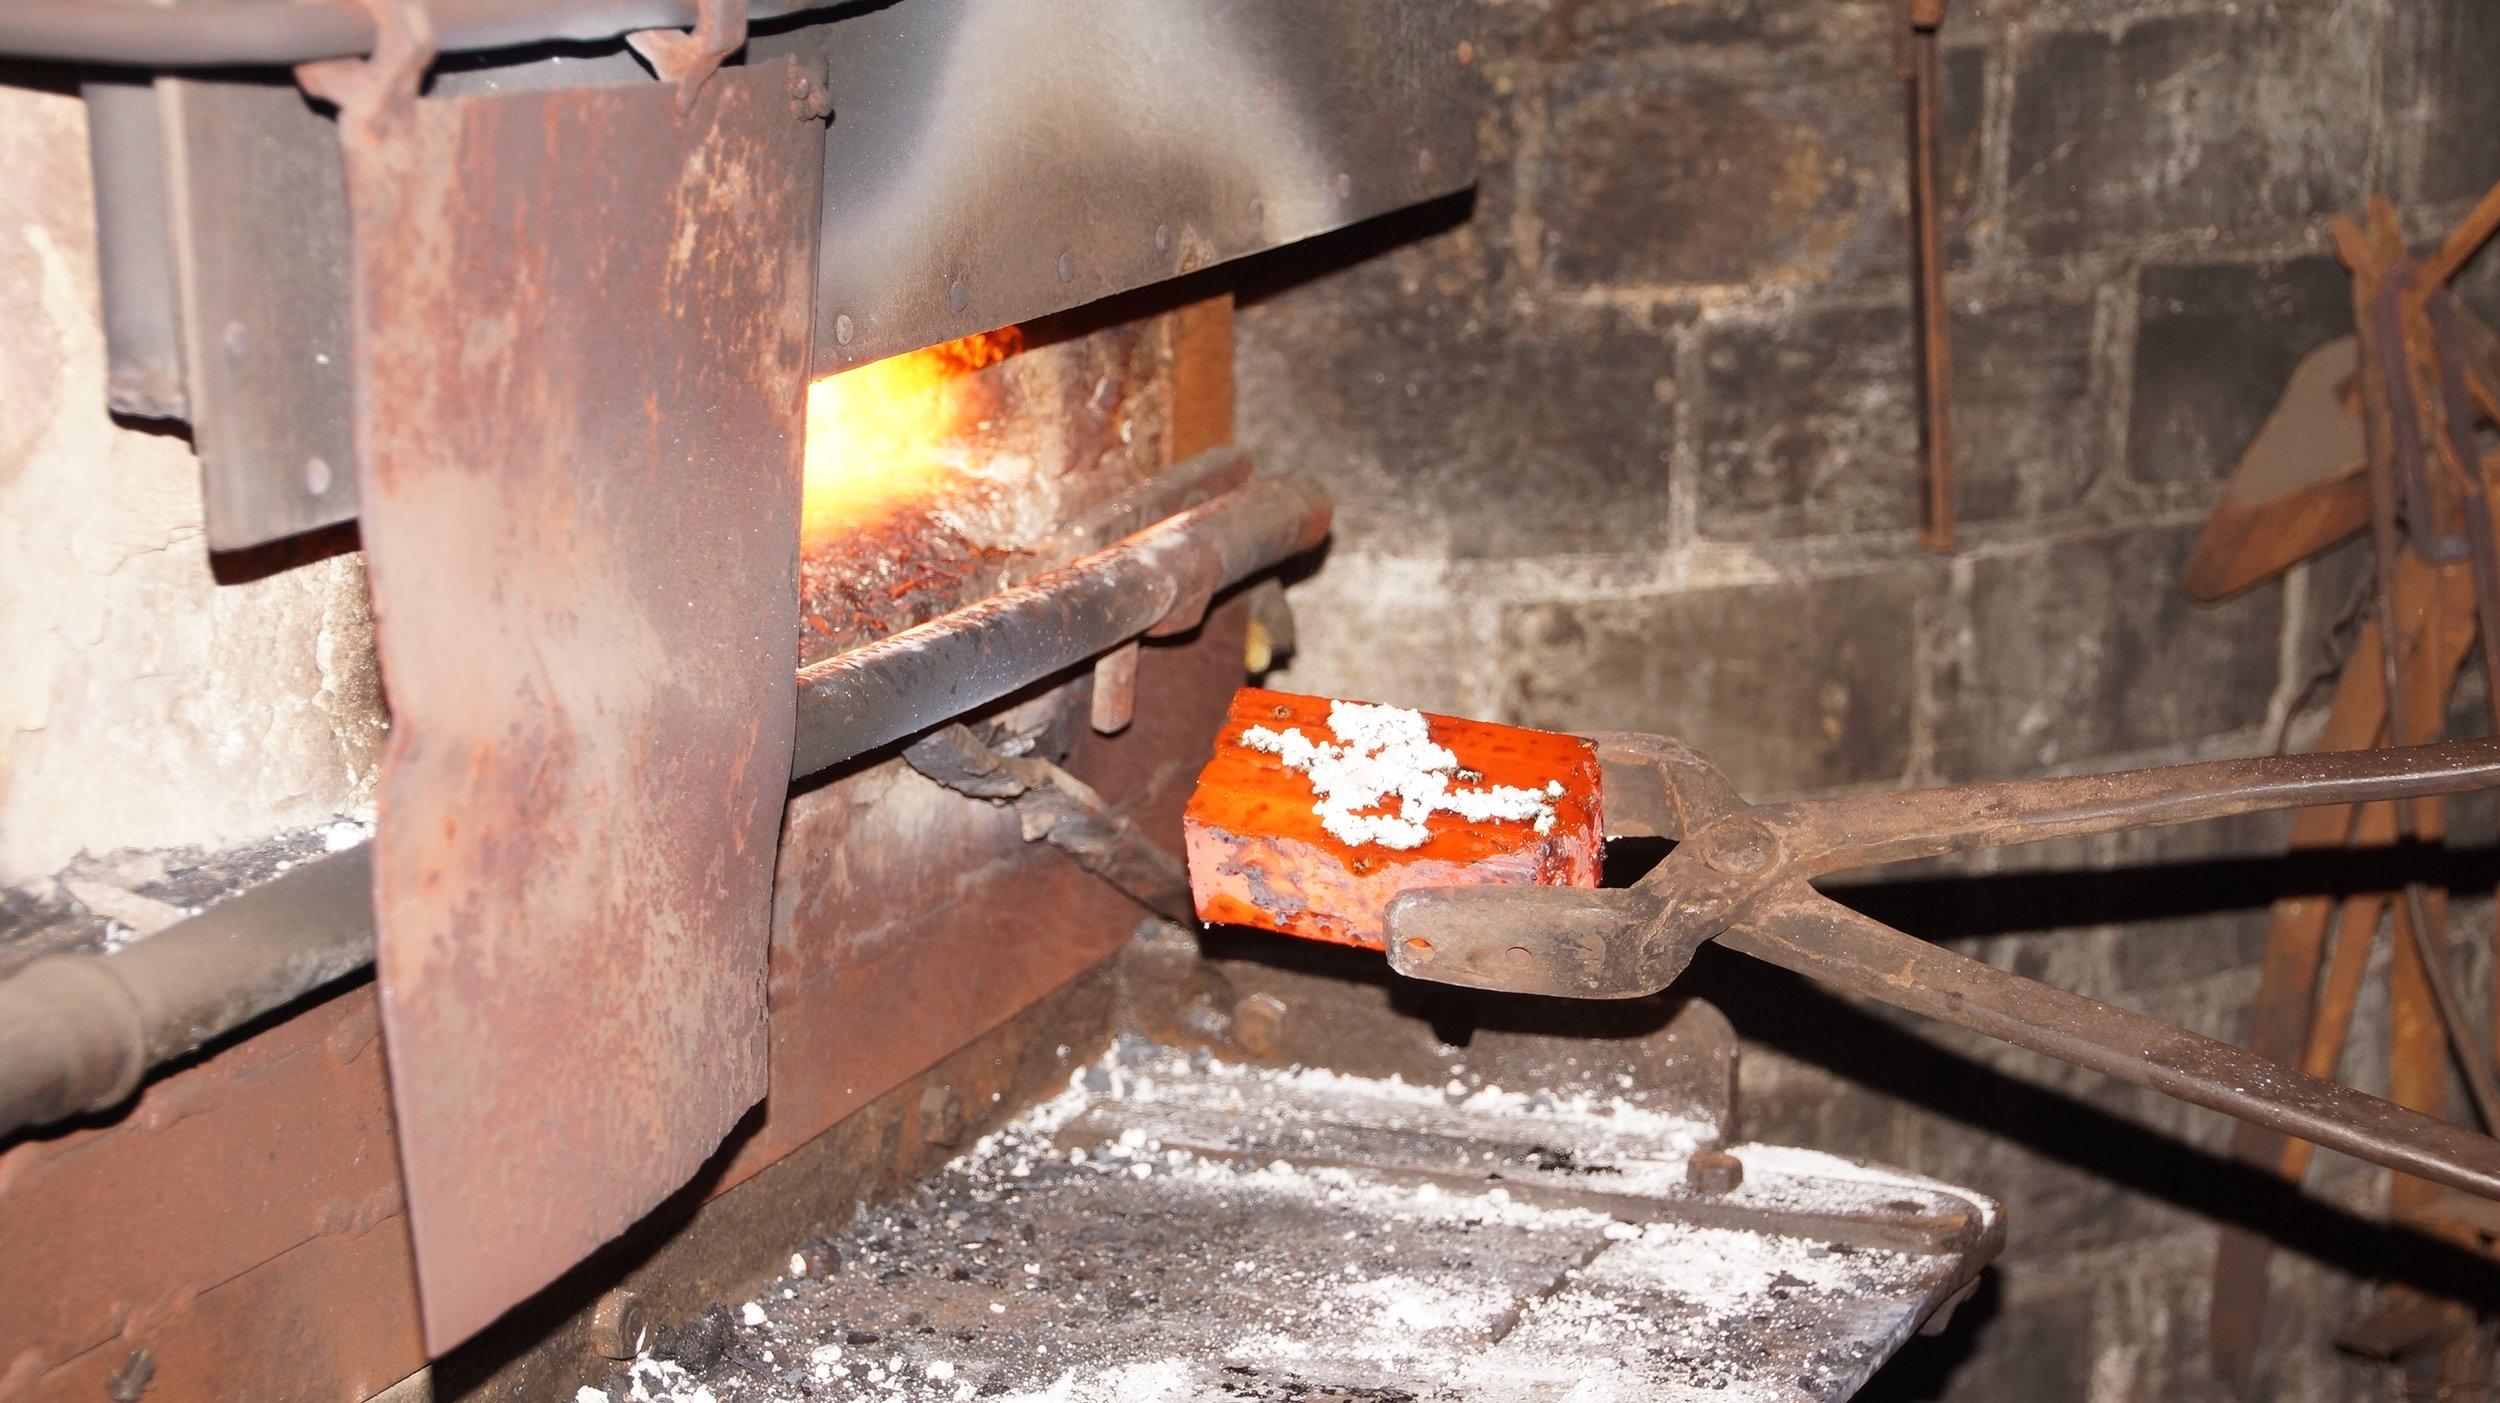 Forging_of_Damascus_Steel_in_Solingen_01.JPG